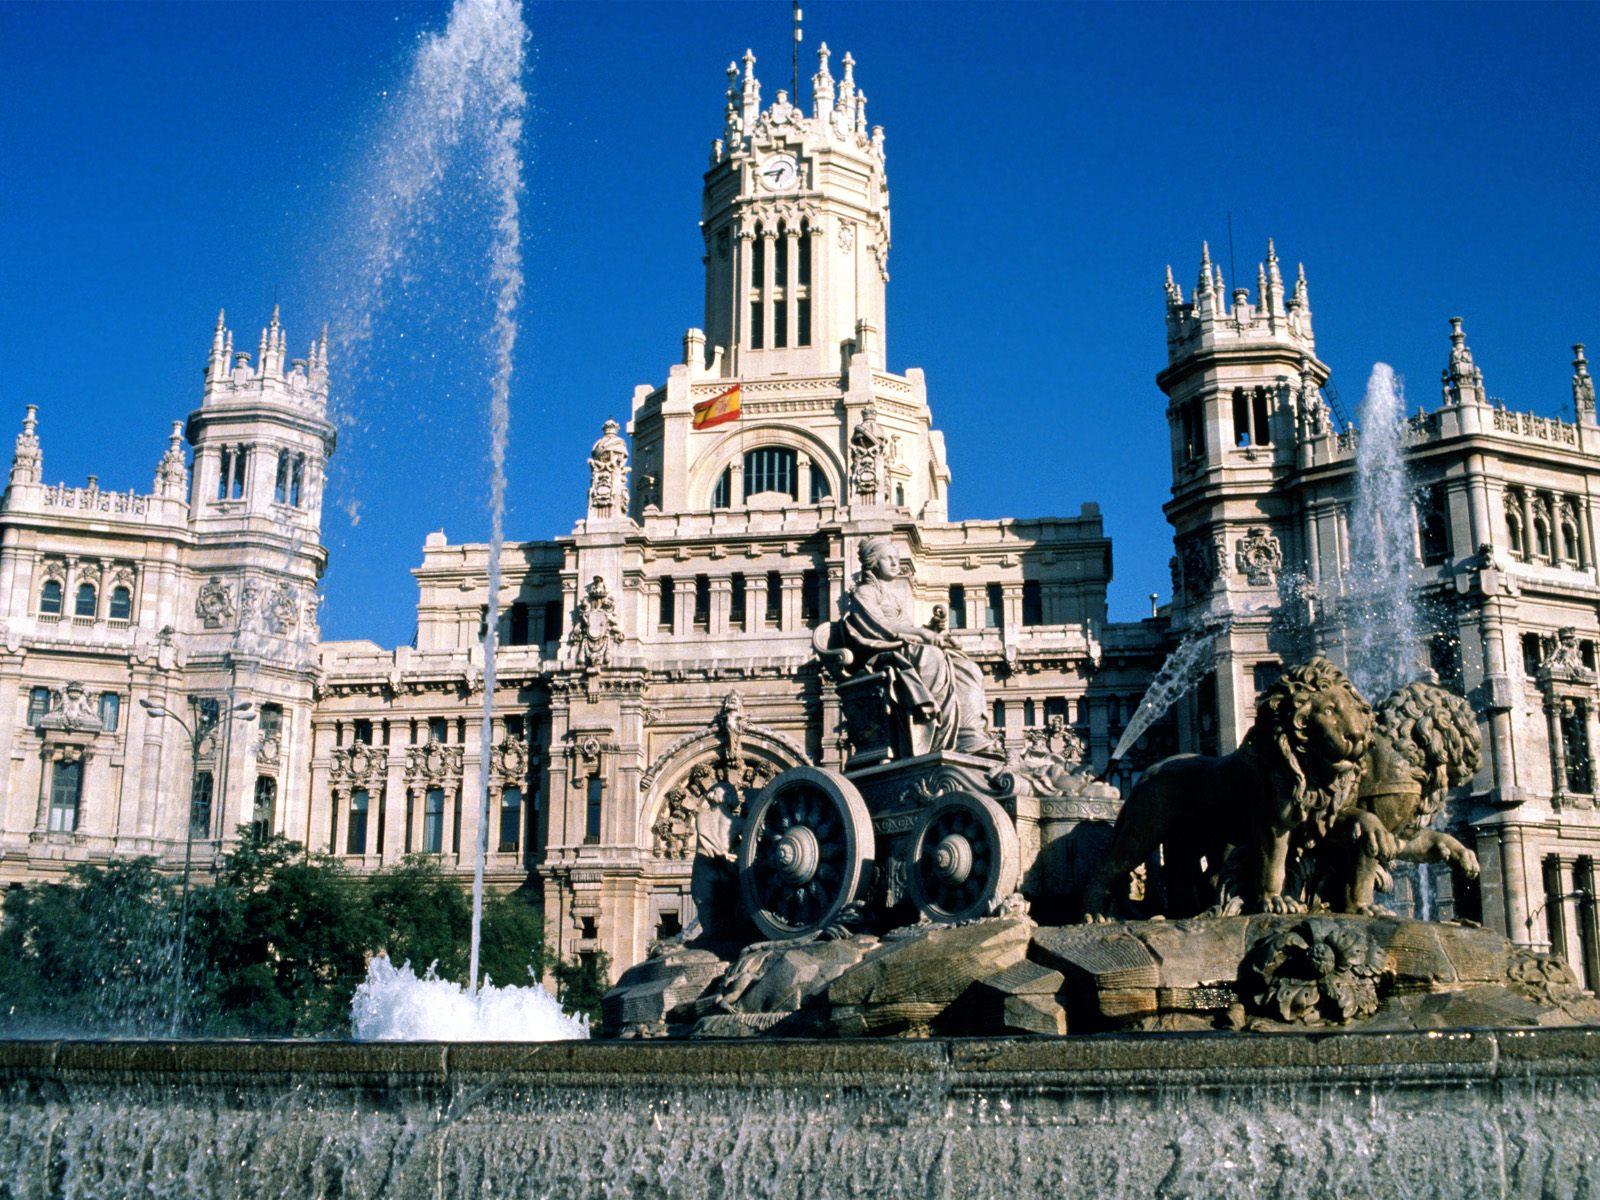 يعود اسم مدينة مدريد الإسبانية لكلمة العربية مجريط وتعني مجاري المياه الوفيرة،وهو مايميز المدينة ويصفها في ذلك الوقت. http://t.co/9sHMmO5aiQ